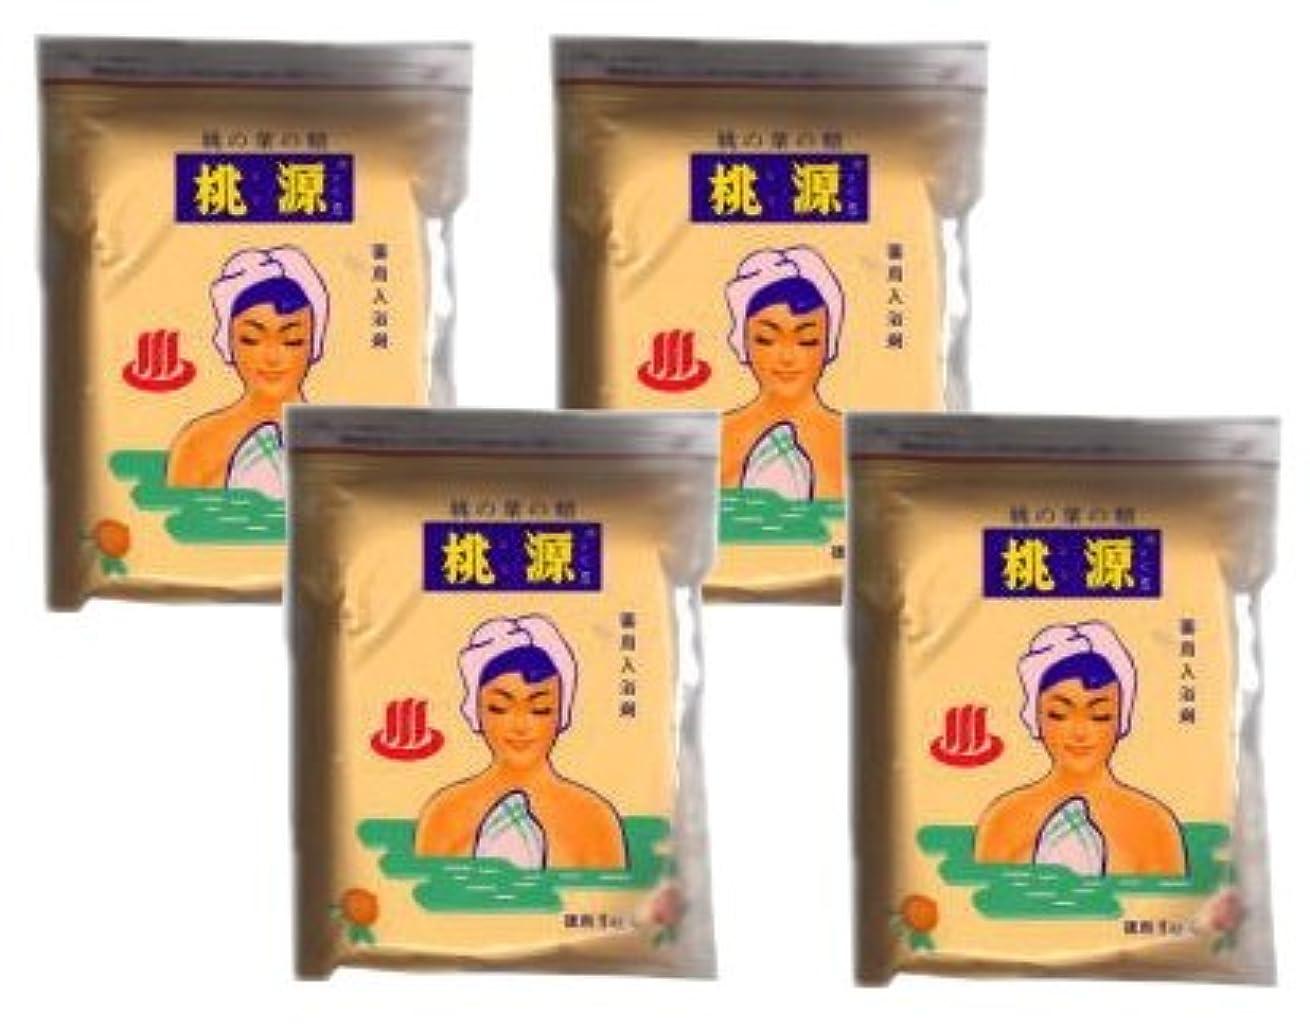 クリークトンエピソード桃源S 桃の葉の精 1000g 袋入り 4袋 (とうげん)